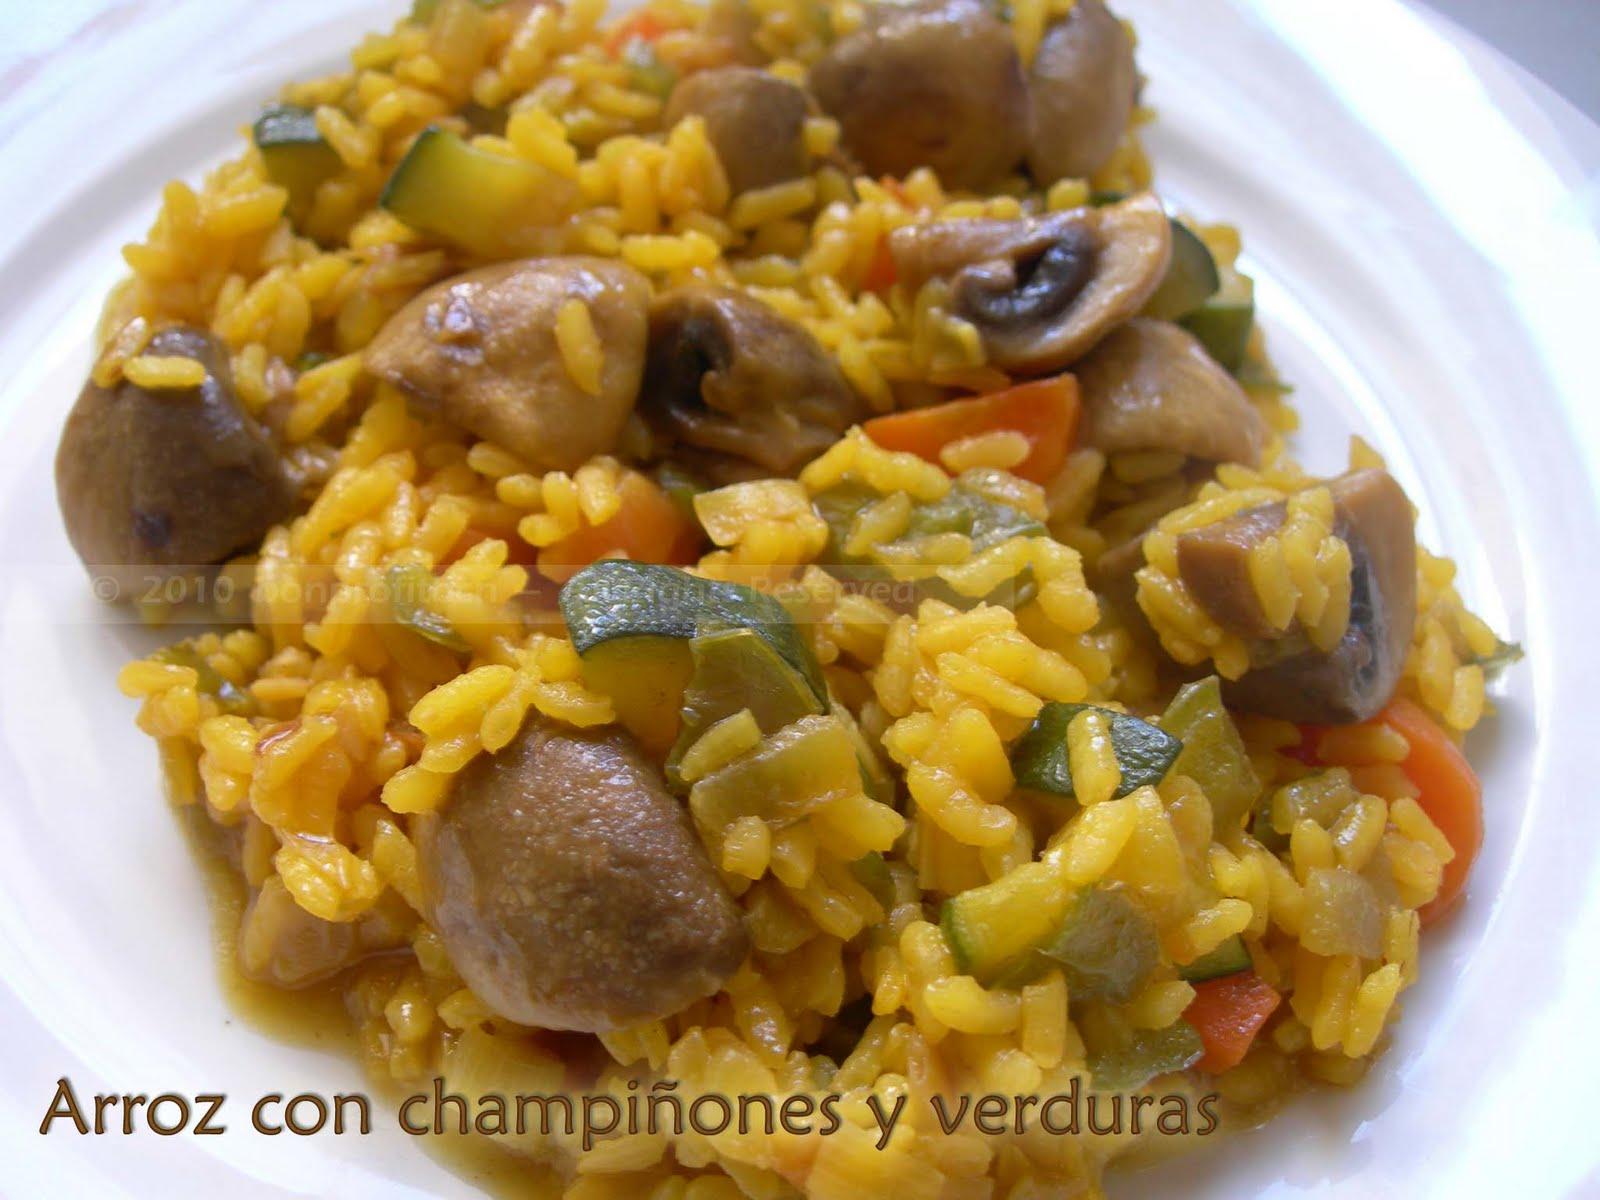 Bon profit arroz con champi ones y verduras - Arroz con pescado y verduras ...